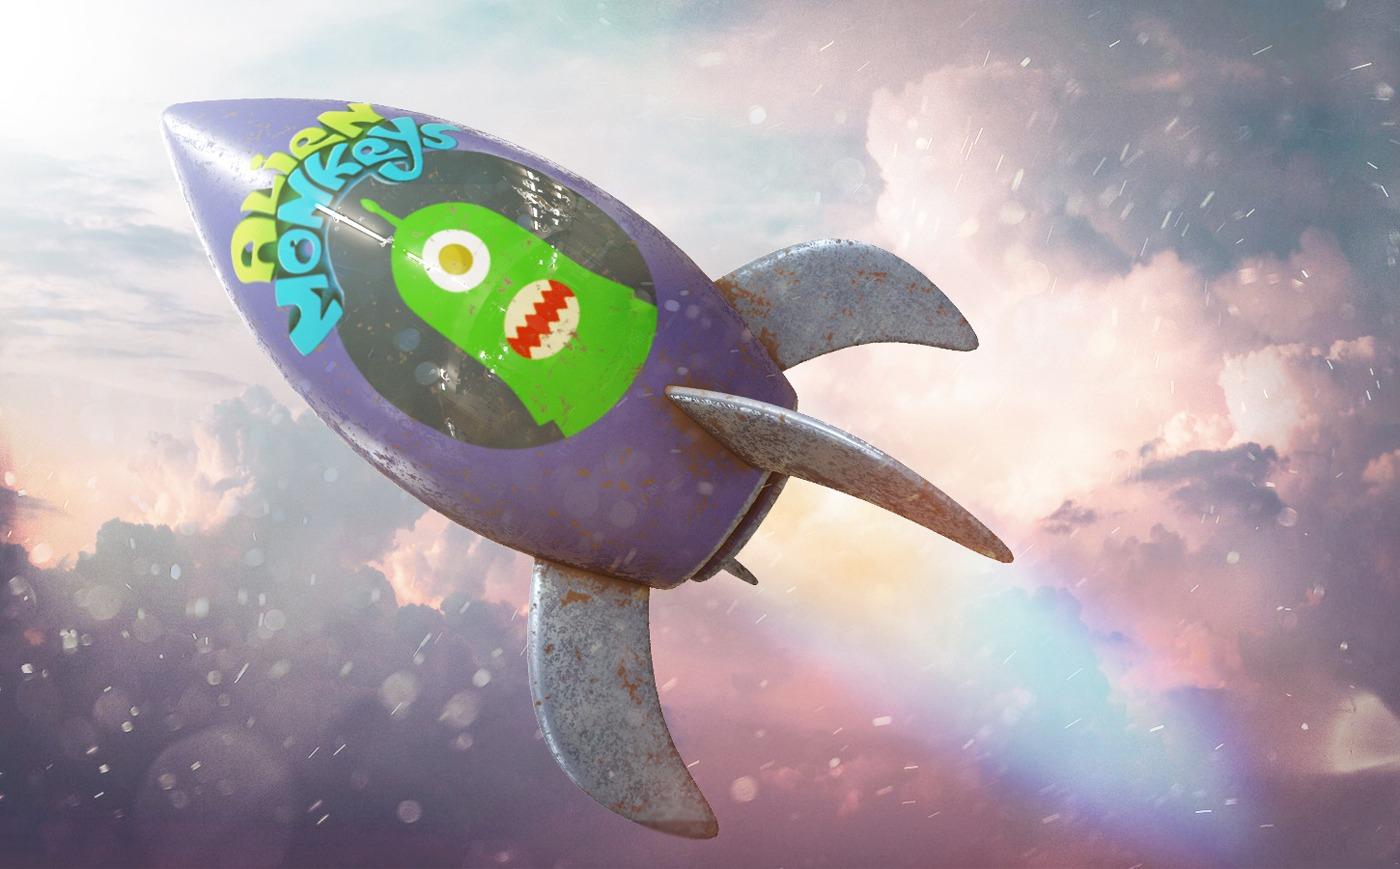 alien - Մոդելավորելով ապագան եռաչափ ֆորմատով